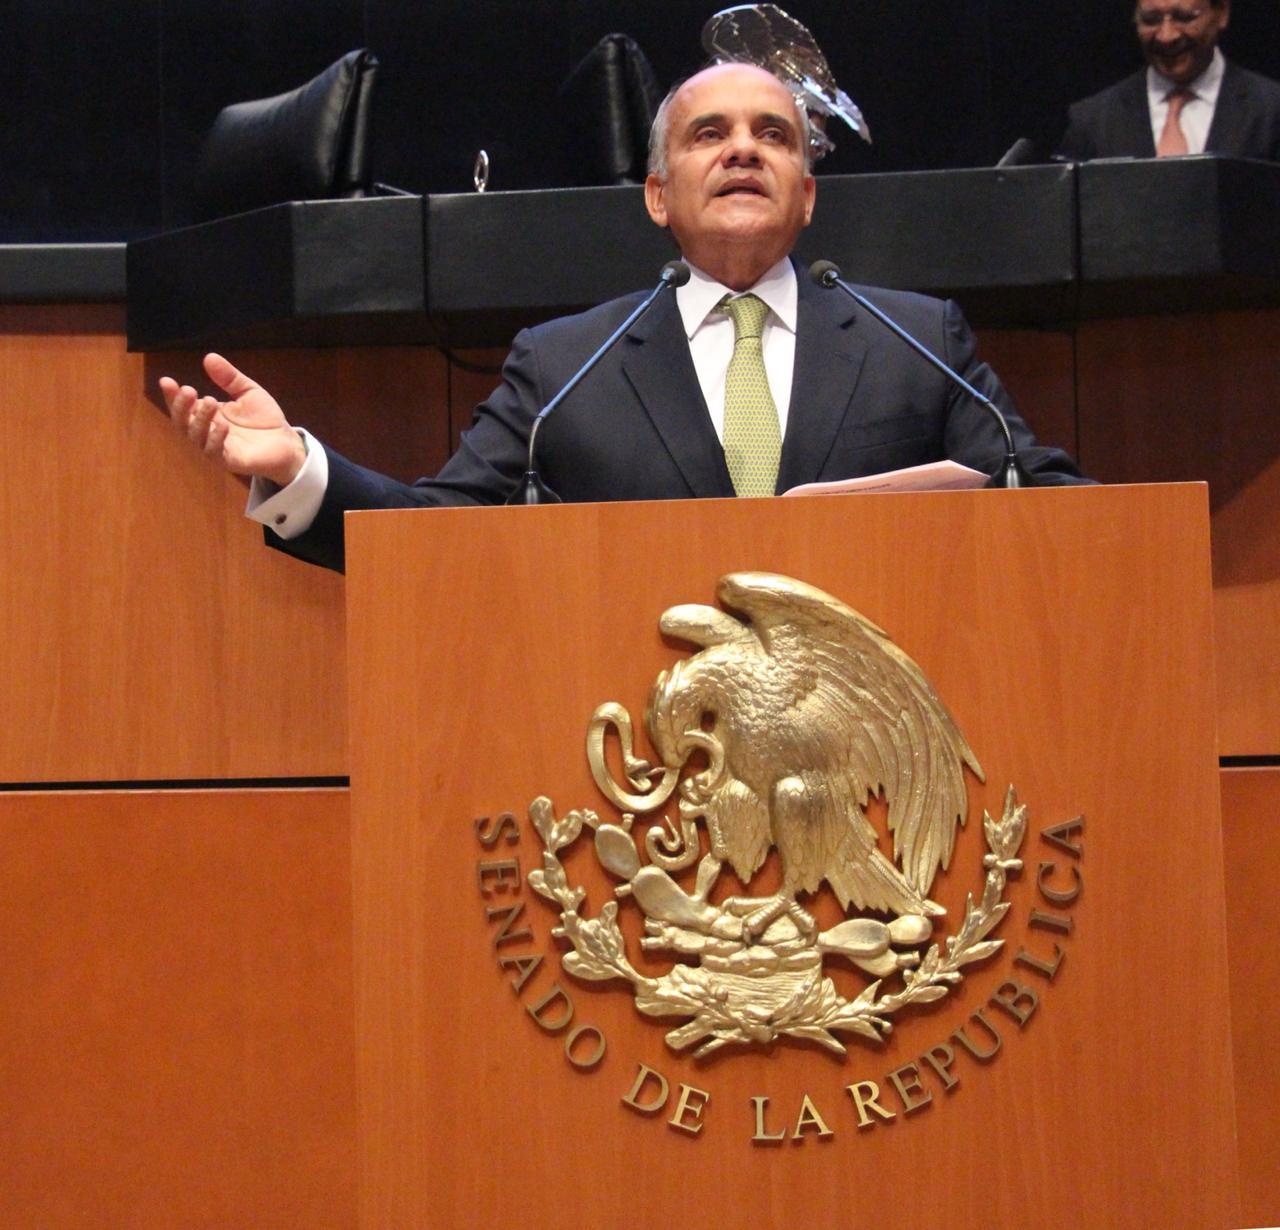 Añorve impulsó y apoyó reforma constitucional en materia de paridad de género en el Senado de la República